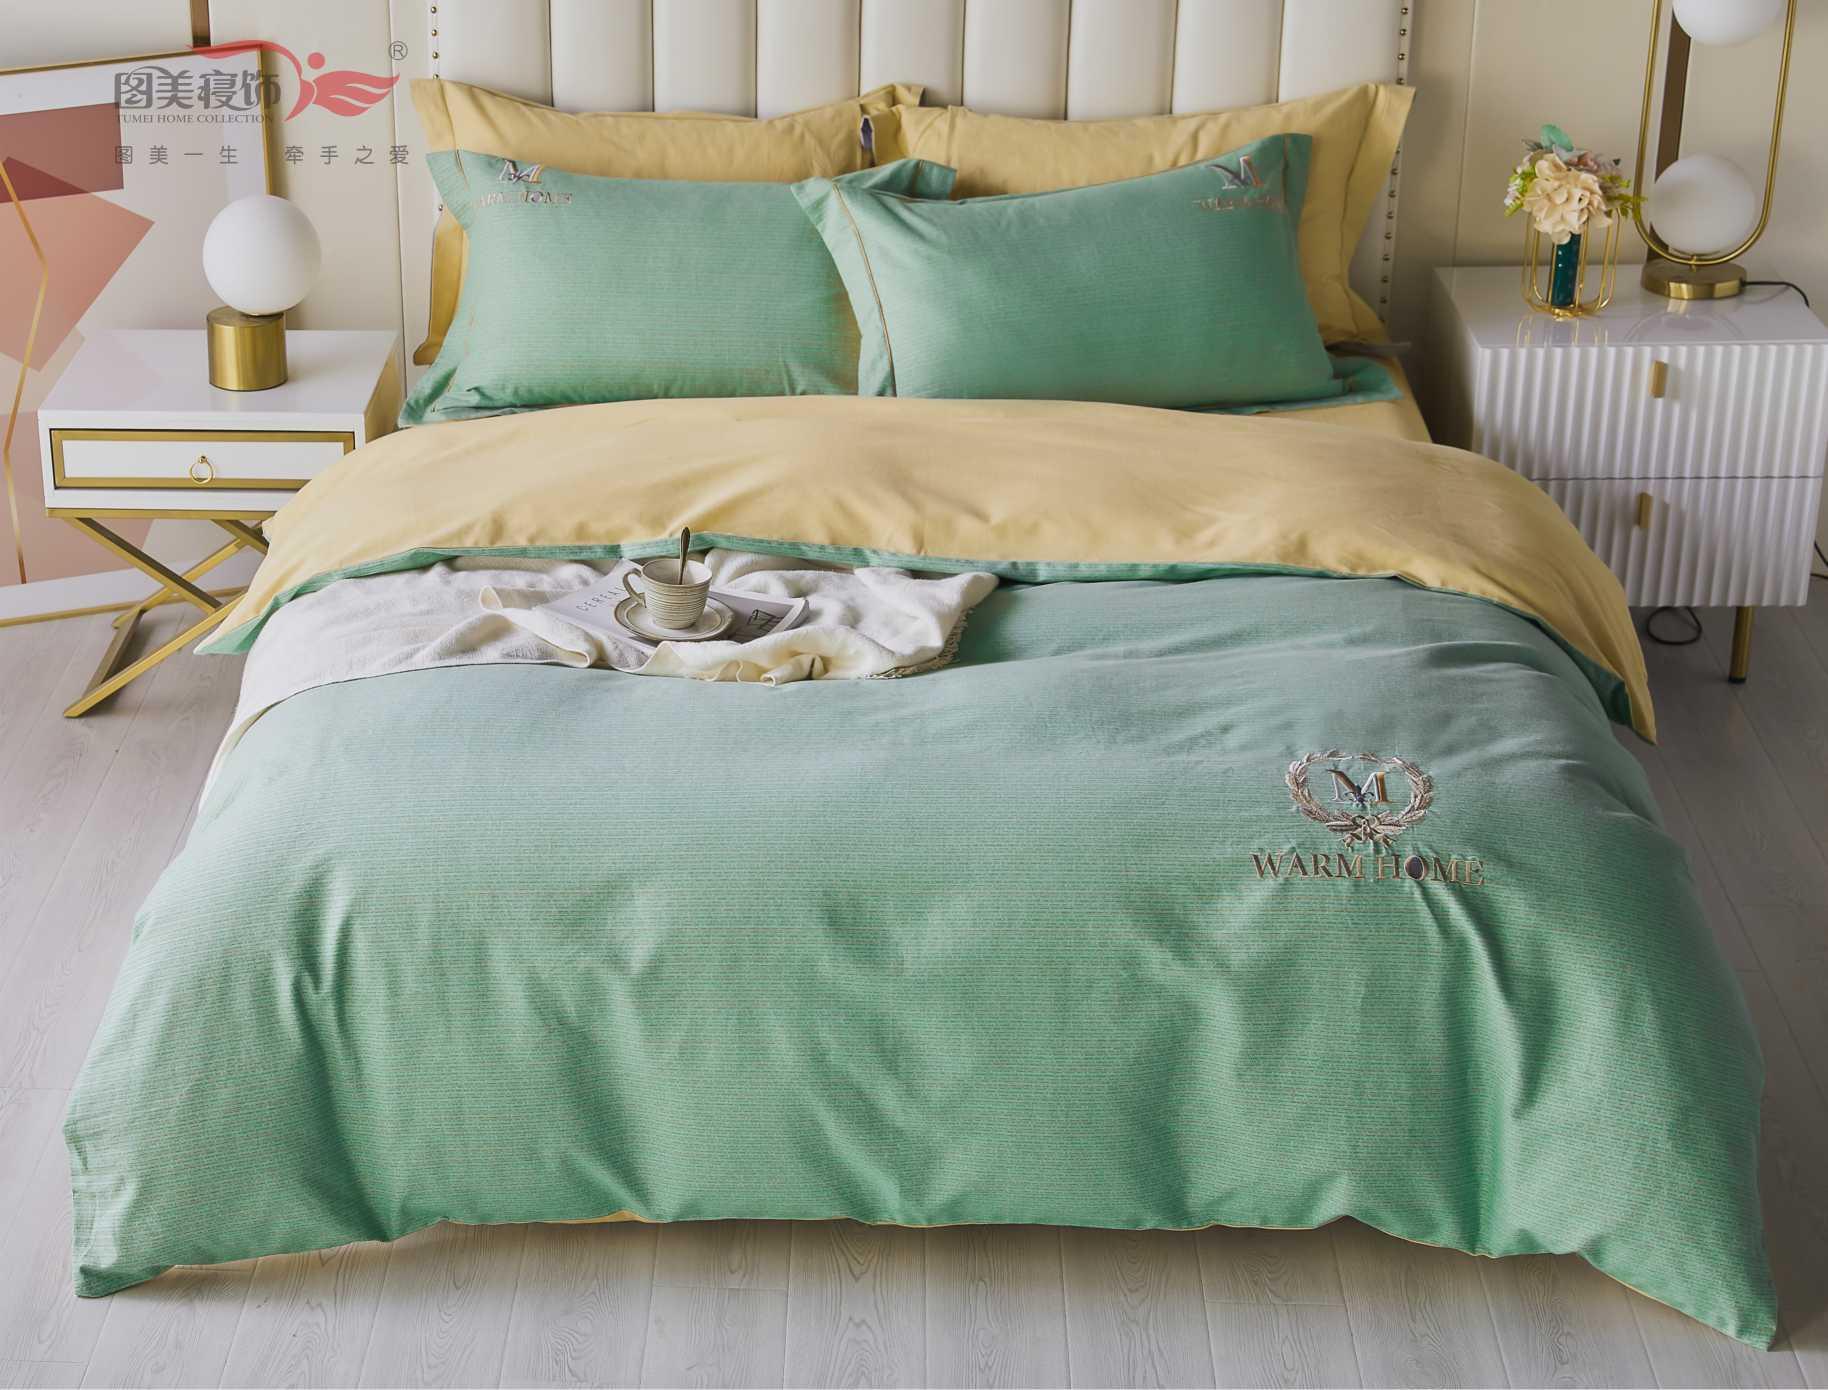 繡花肌理紋床蓋四件套-素錦(黃、灰、藍、綠)